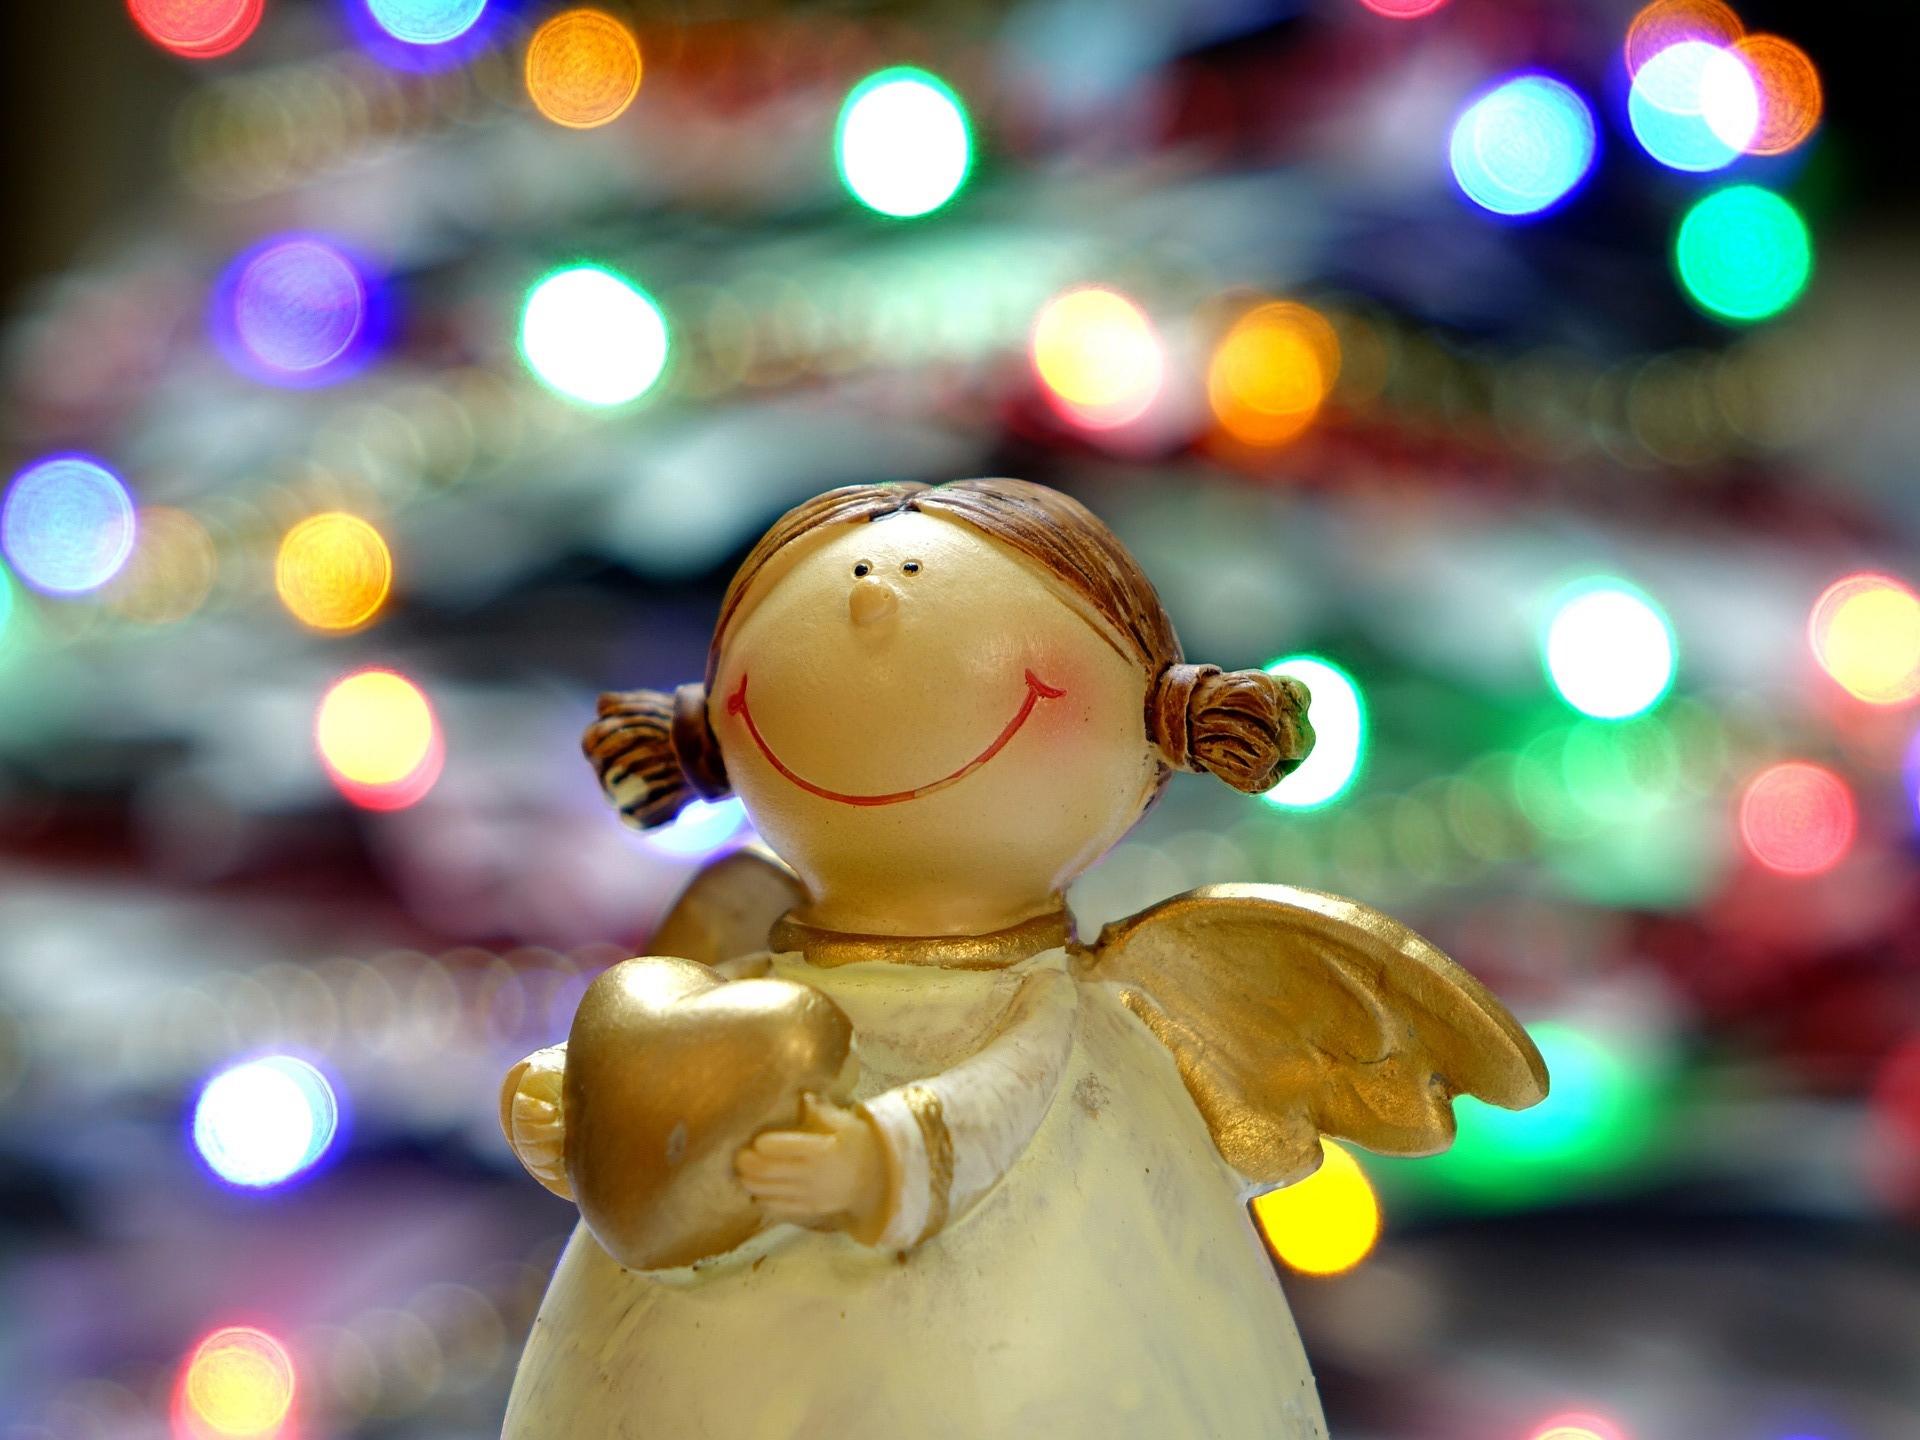 Weihnachtsbilder Für Frauen.Weihnachtsbilder Zum Ausdrucken Kostenlos Downloaden Geschenke De